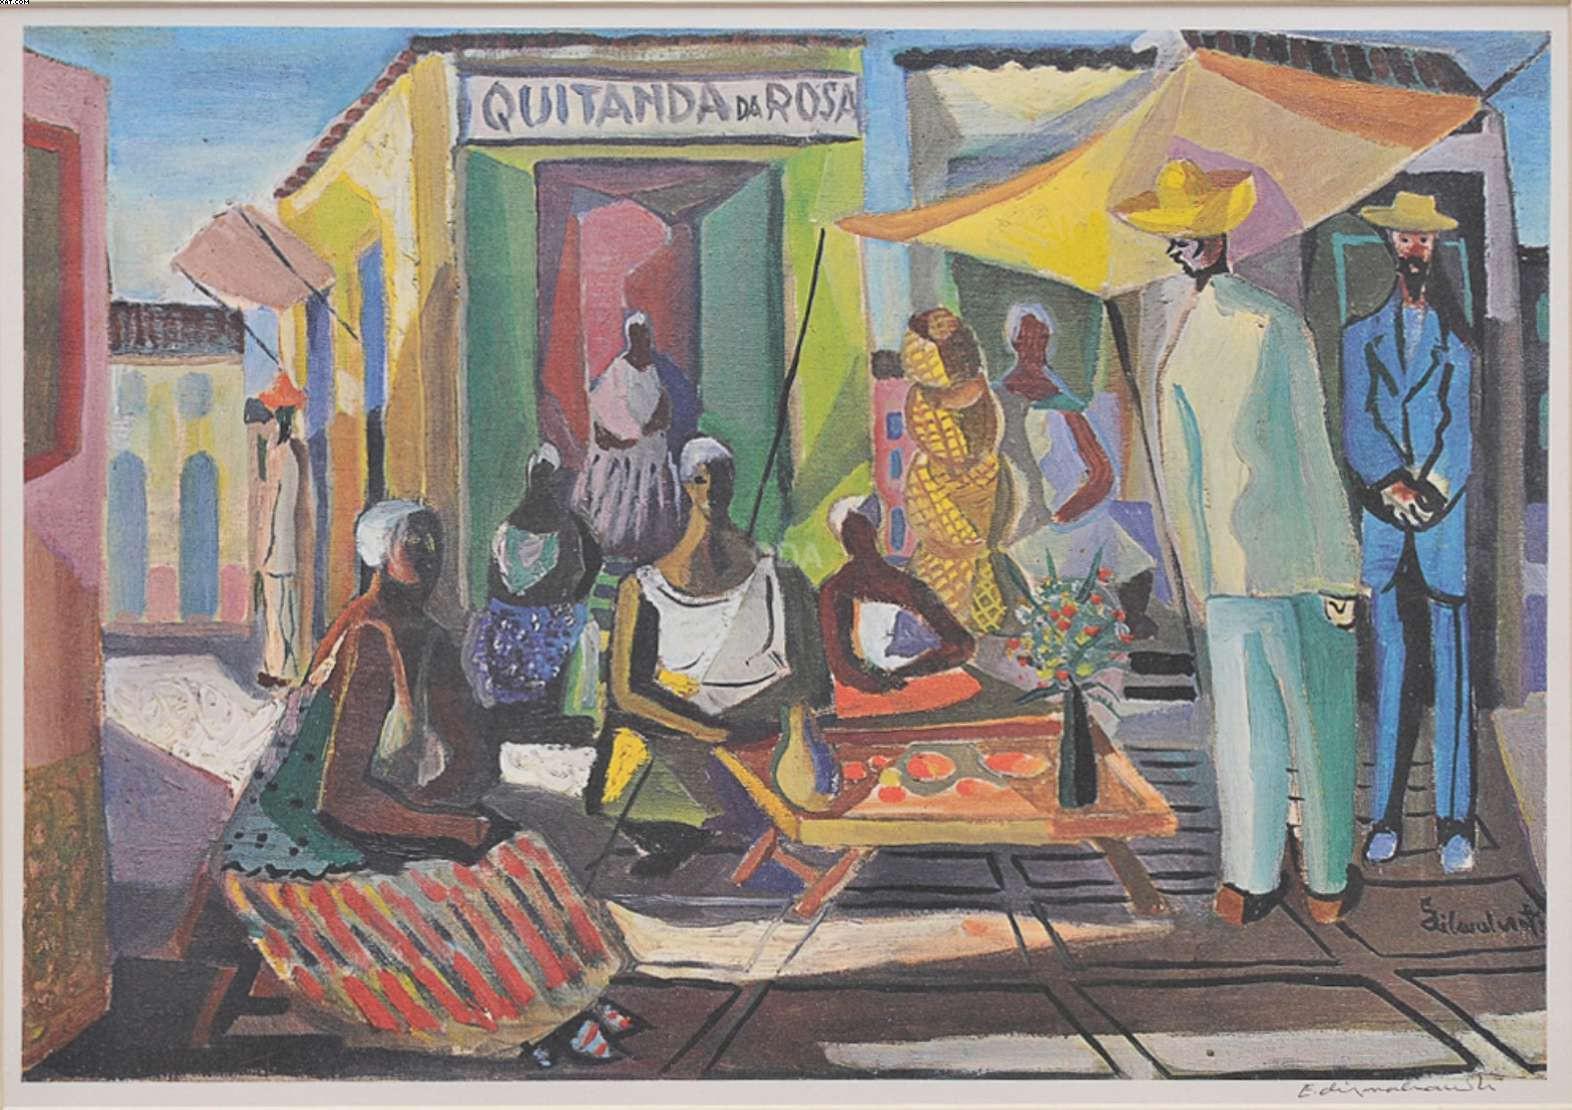 Quitanda da Rosa - Di Cavalcanti (1897-1976)